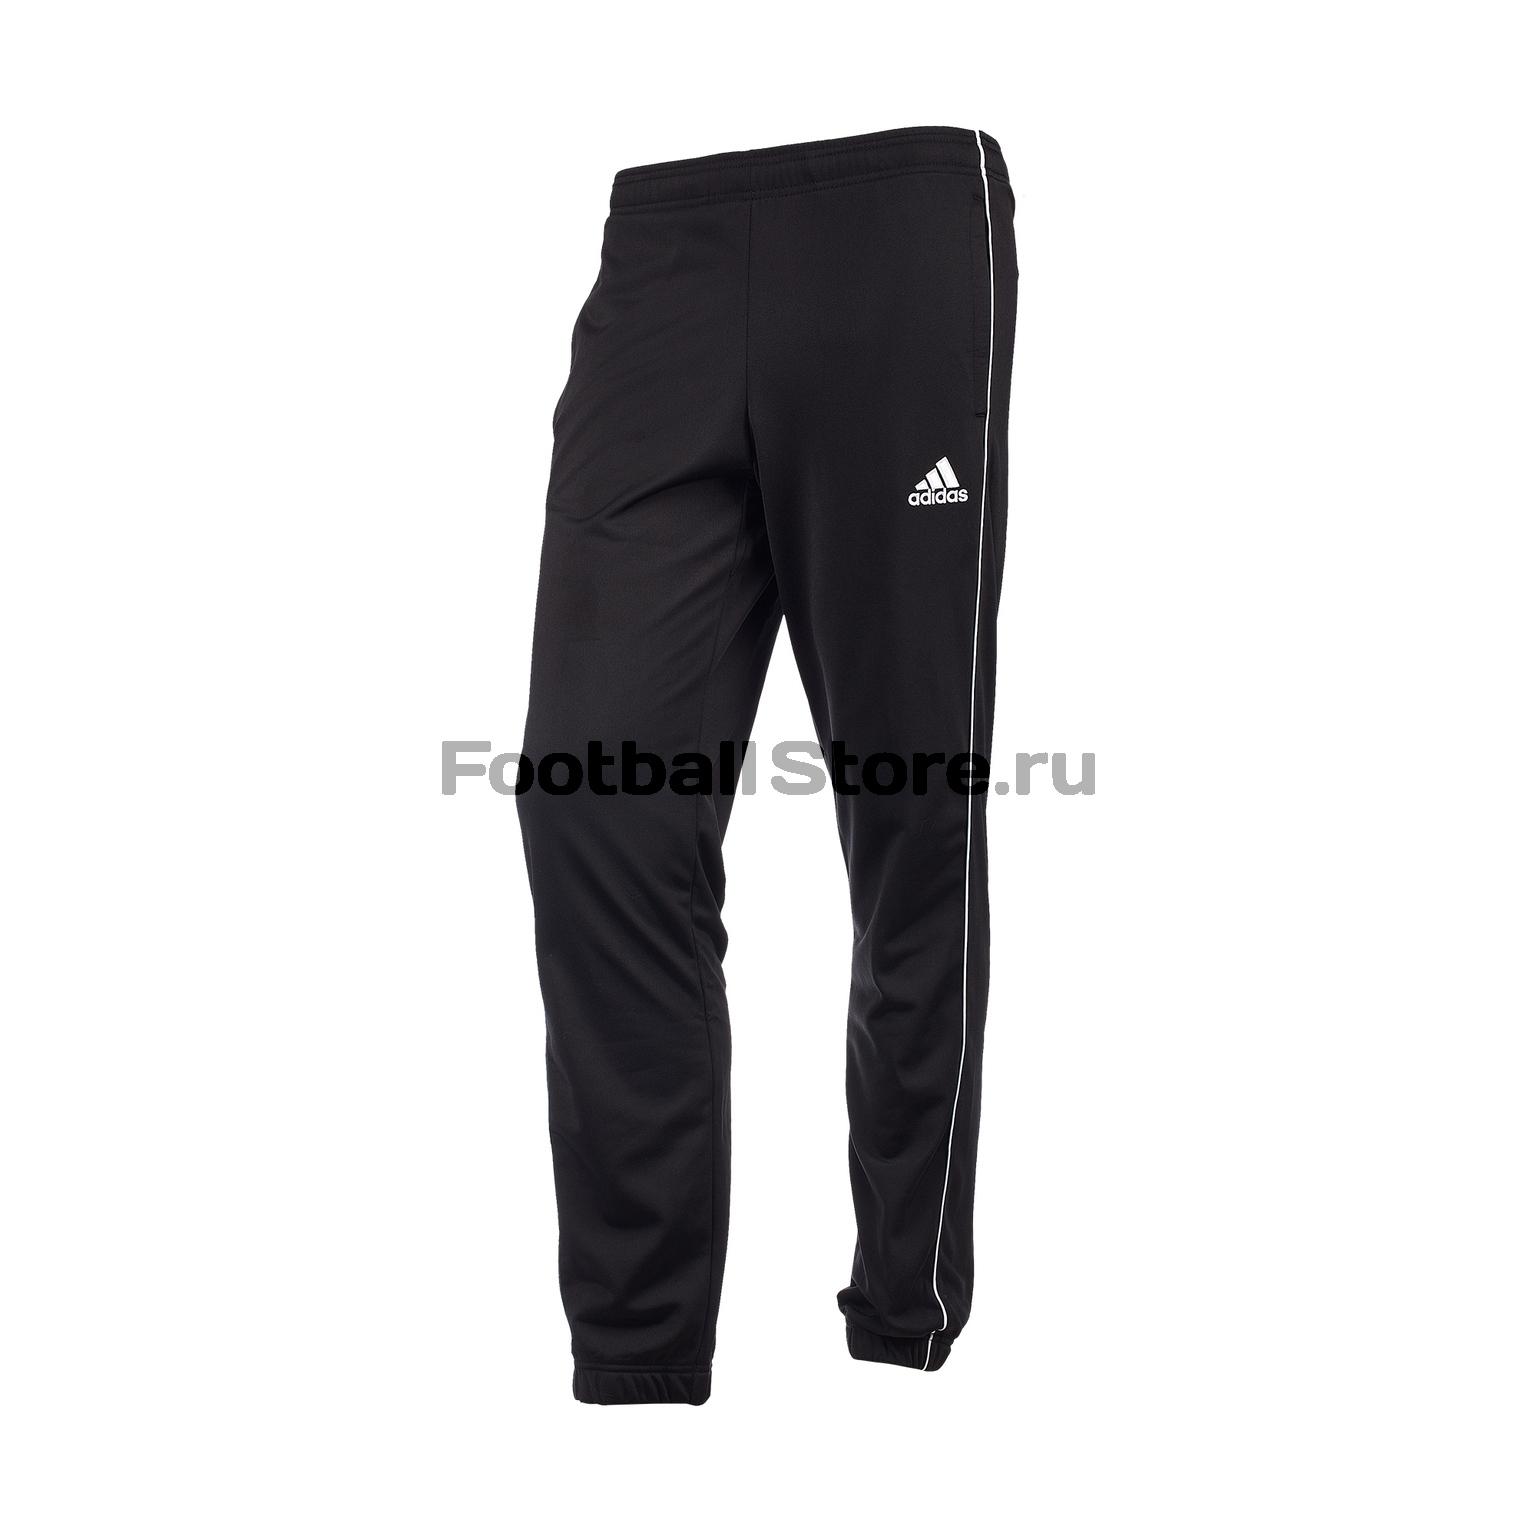 Брюки тренировочные Adidas Core18 Pes Pnt CE9050 брюки adidas брюки тренировочные adidas tiro17 rn pnt ay2896